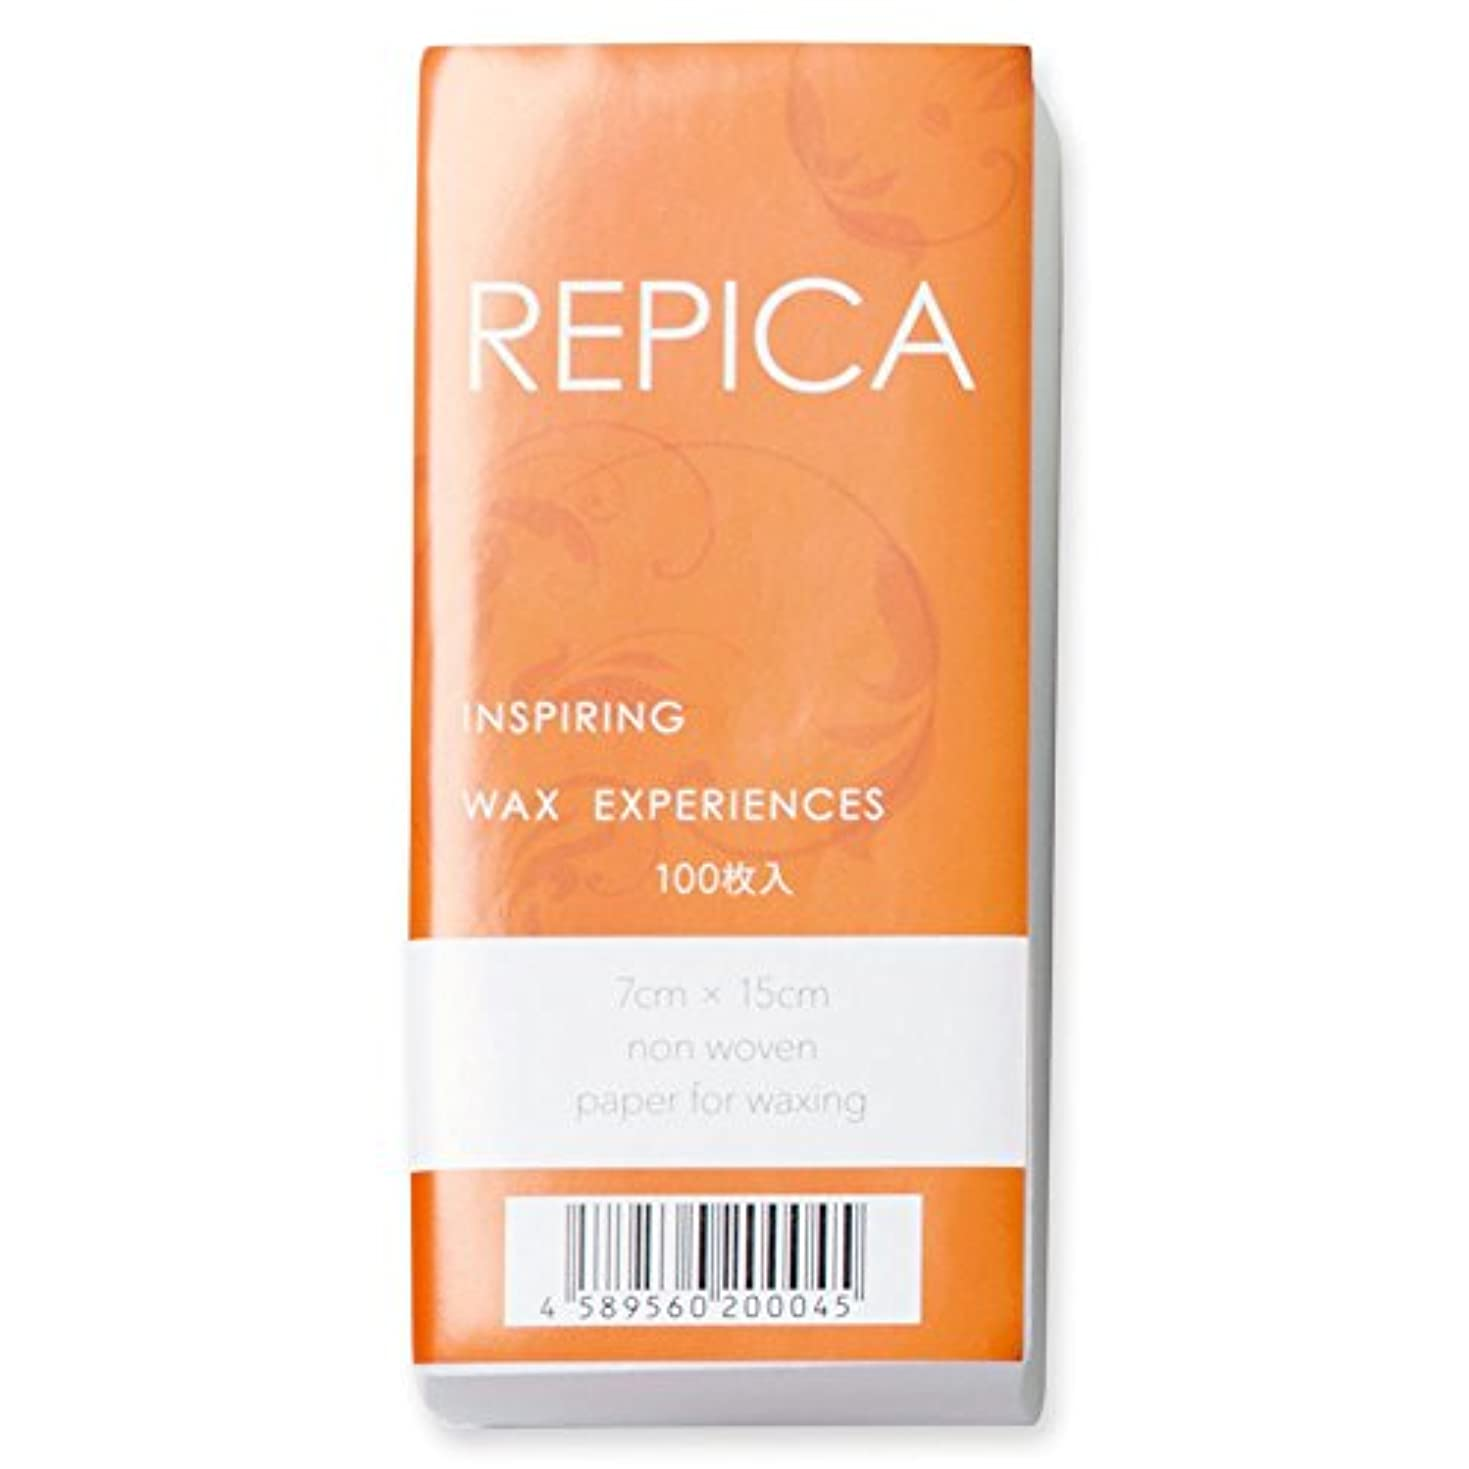 REPICA ブラジリアンワックス脱毛 カットペーパー Mサイズ100枚入り×1個 ワックス脱毛 ワックスシート ストリップシート